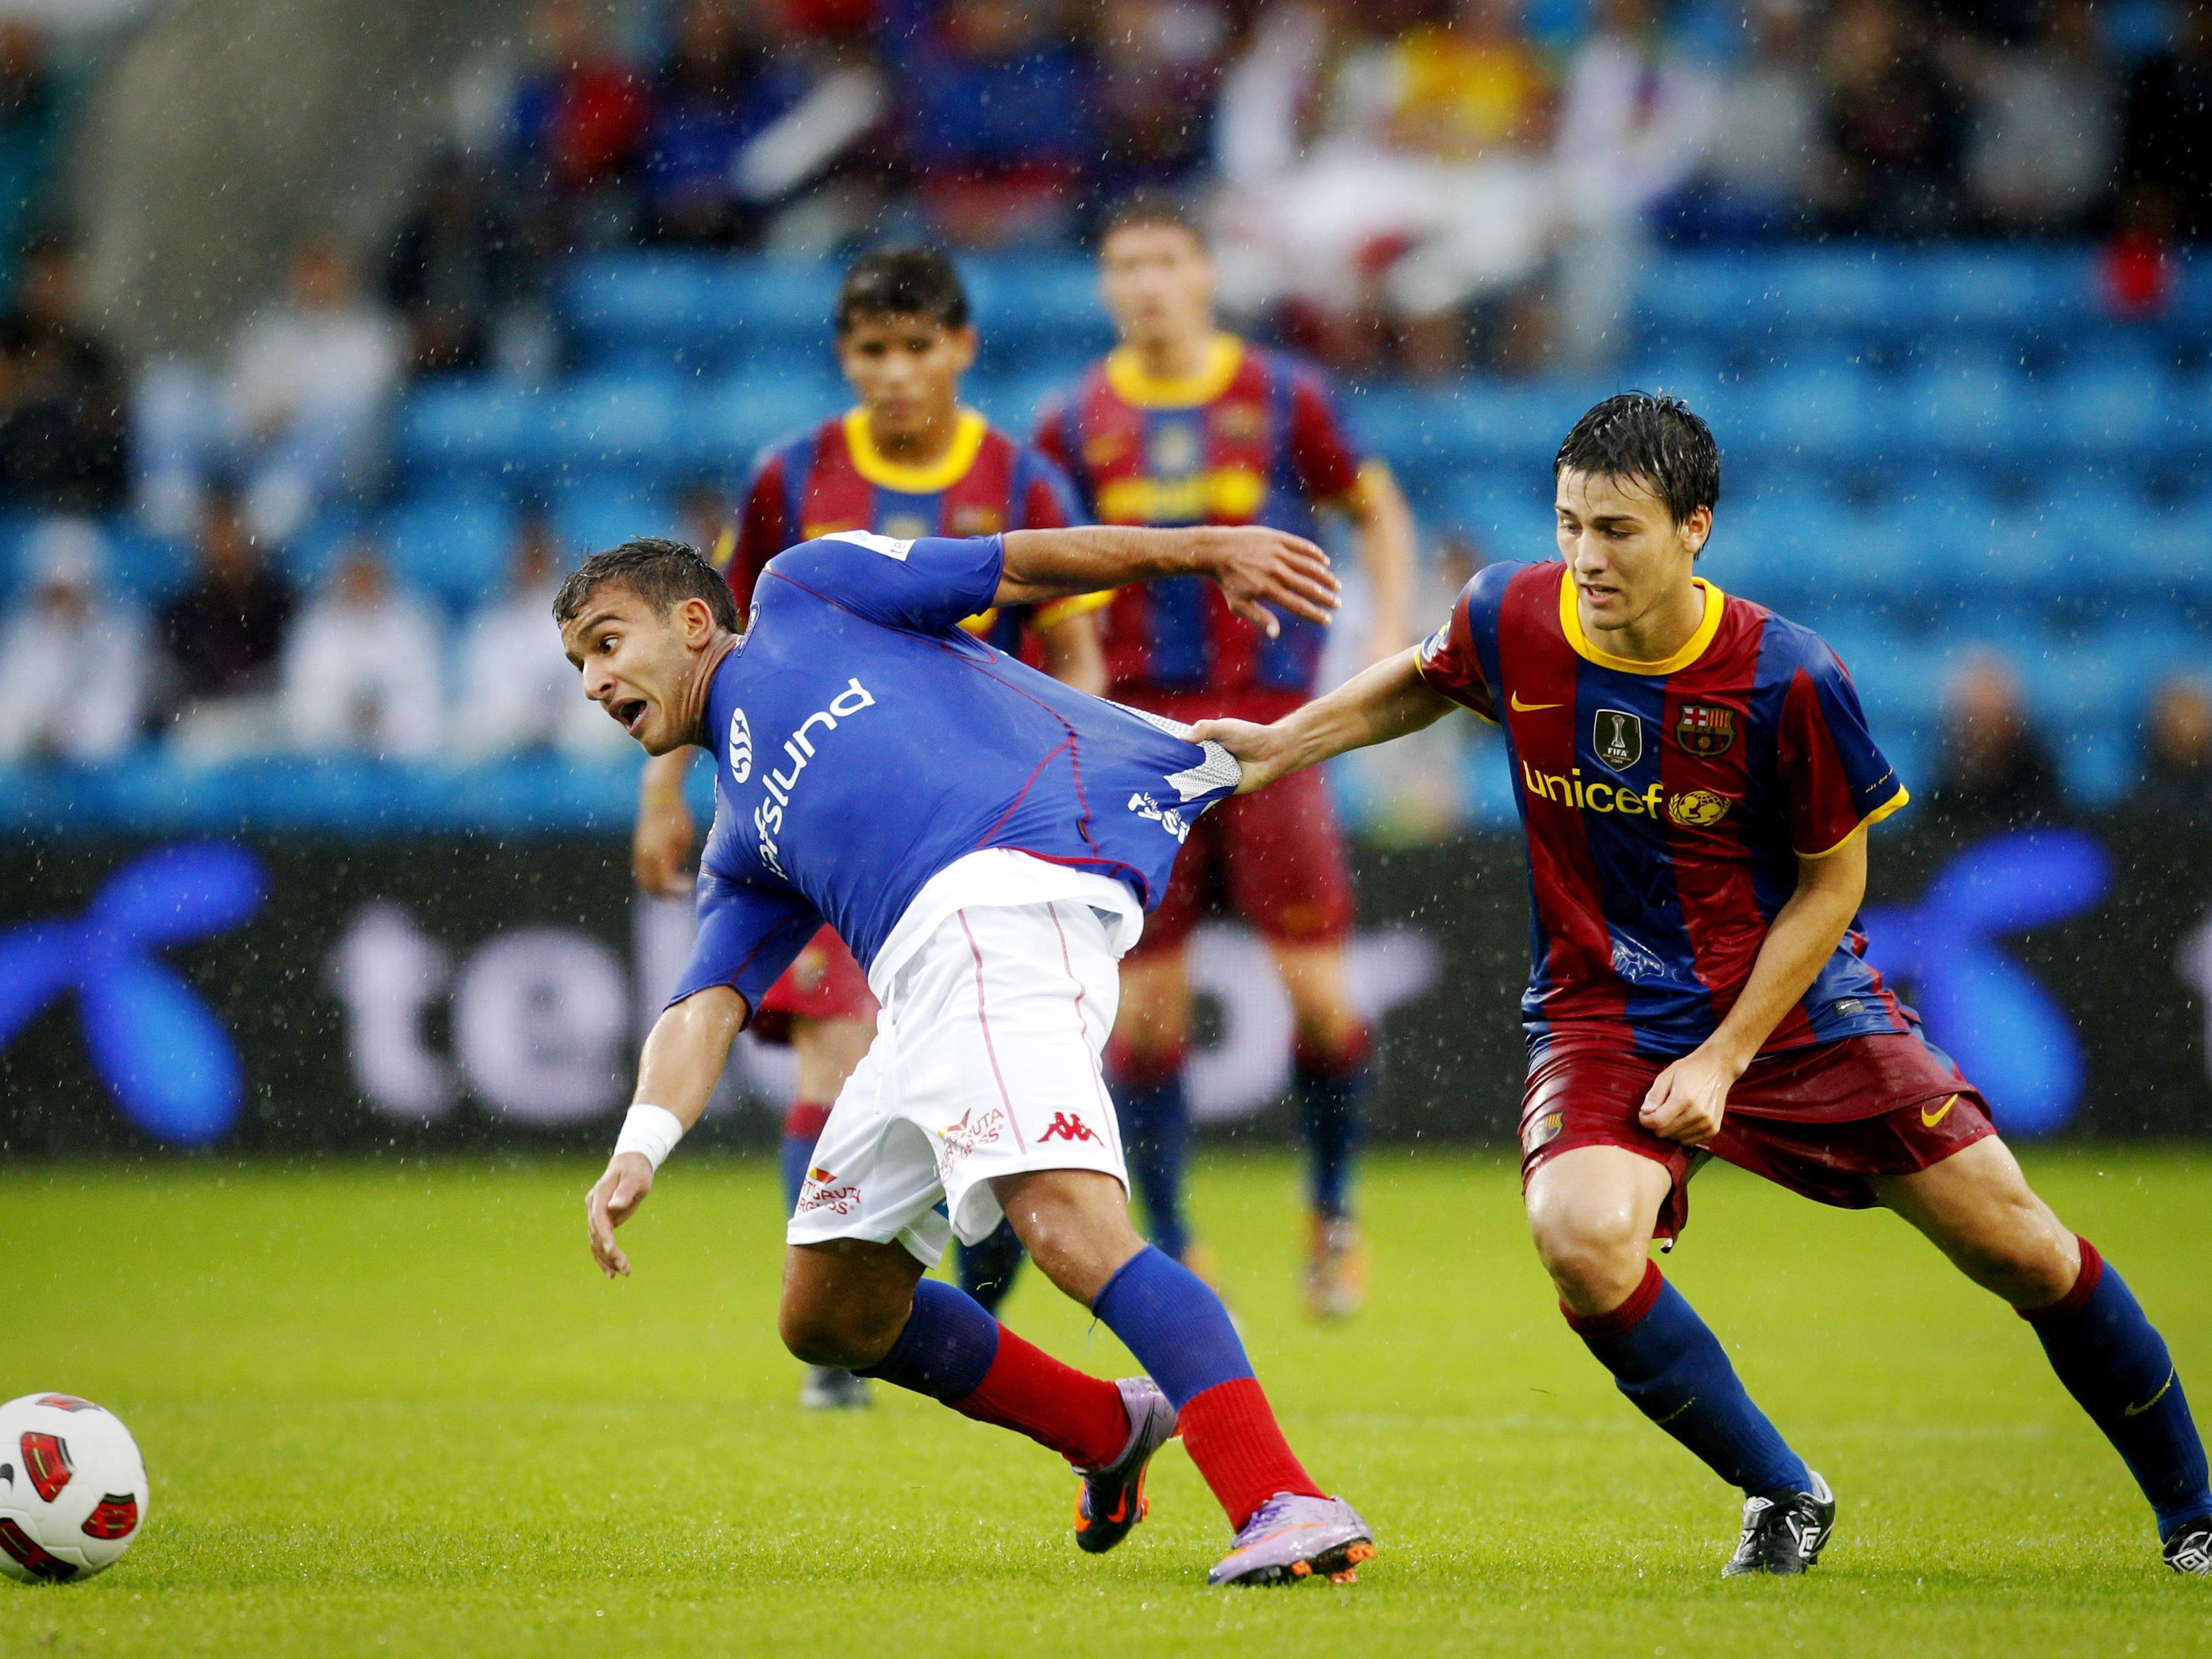 Riverola durchlief die Nachwuchsschule des FC Barcelona und verbuchte in der Saison 2011/12 unter dem damaligen Trainer Josep Guardiola einen Einsatz in der Champions League.